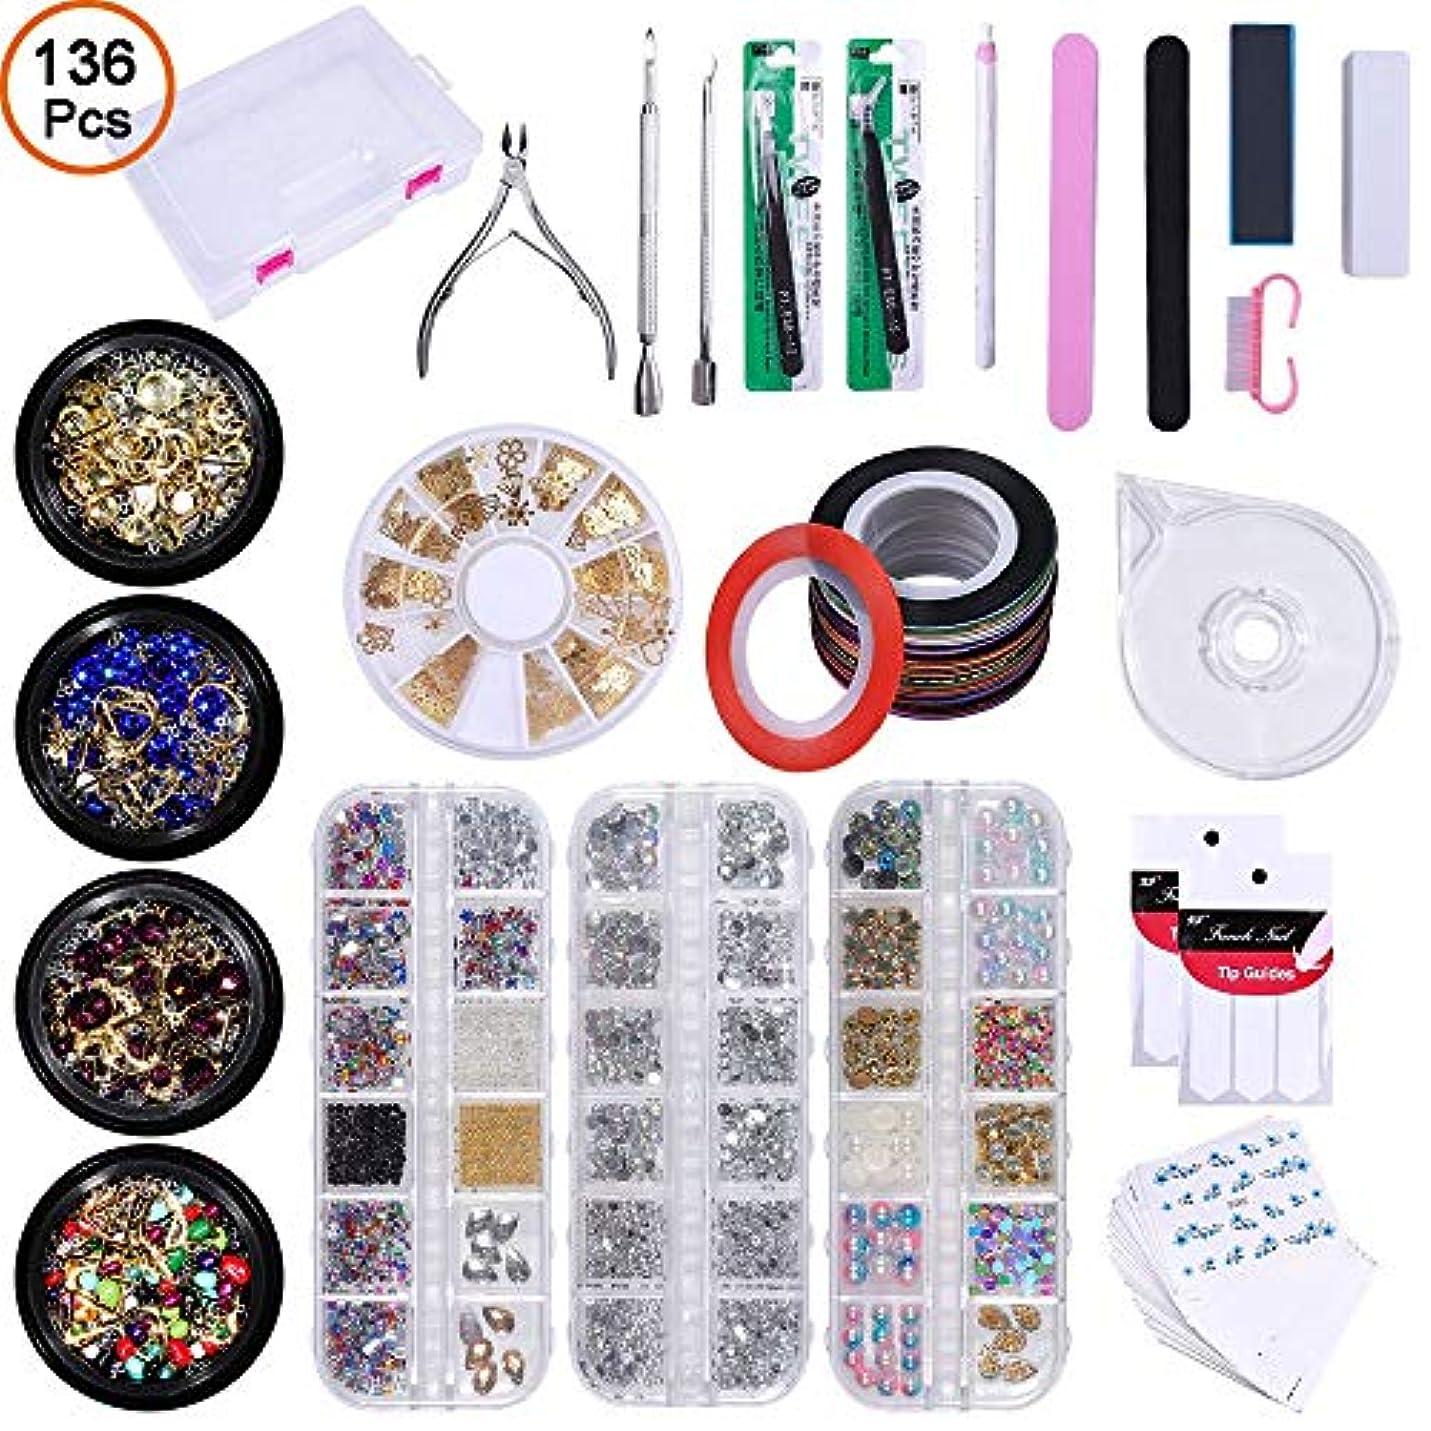 トラフロゴ切断する标题ネイル飾り物、ネイルアートツール セット:花柄ネイルアートシール、ネイル飾り物(真珠、リベット、金属、アクリル) 8箱、ネイルファイル、ネイルアートブラシ (Nail Art Set)